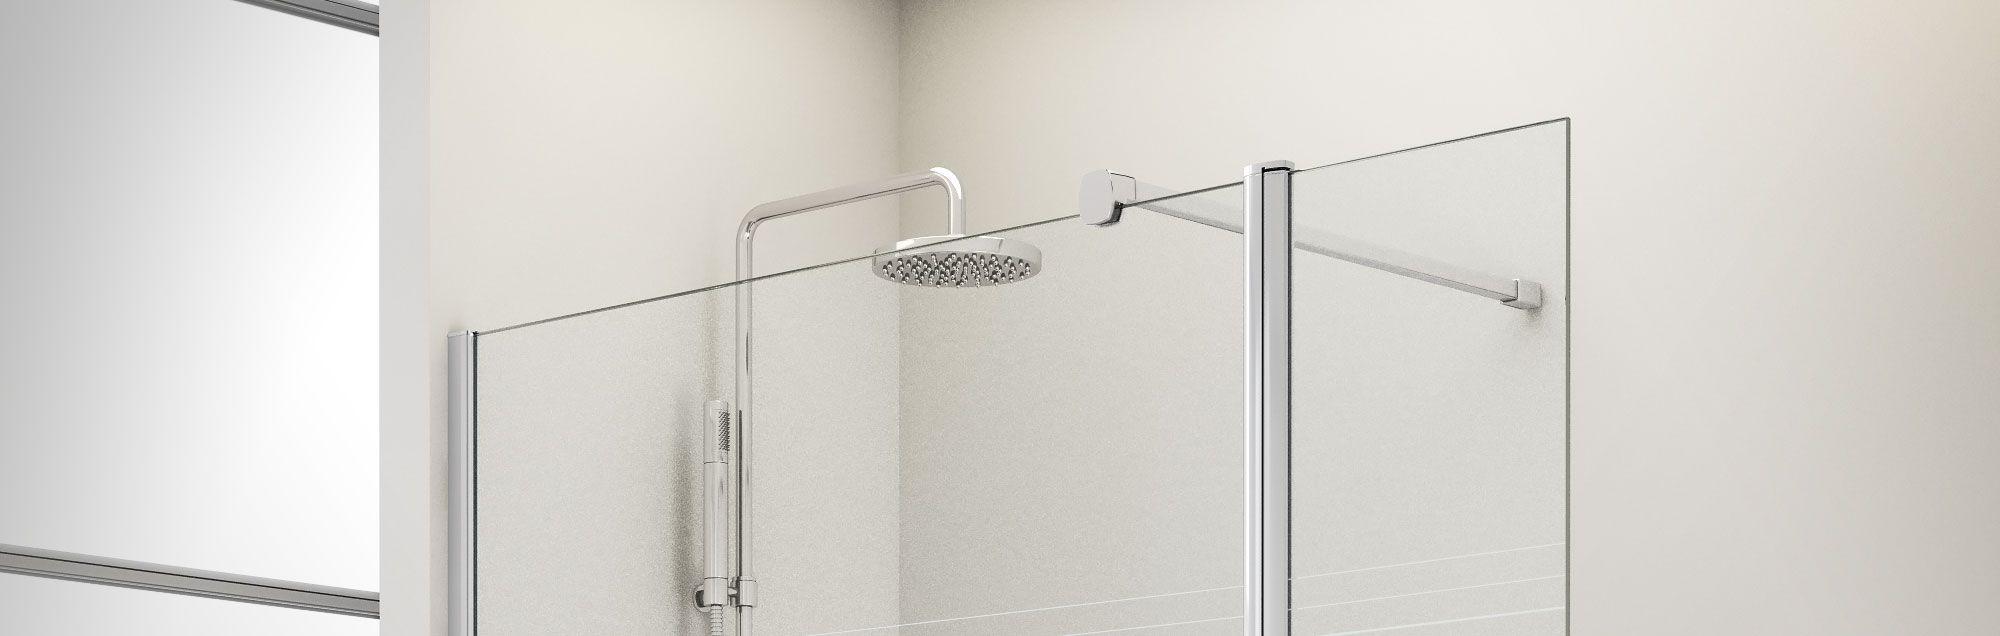 Standard parois pour baignoire et douche profiltek for Mesure standard baignoire